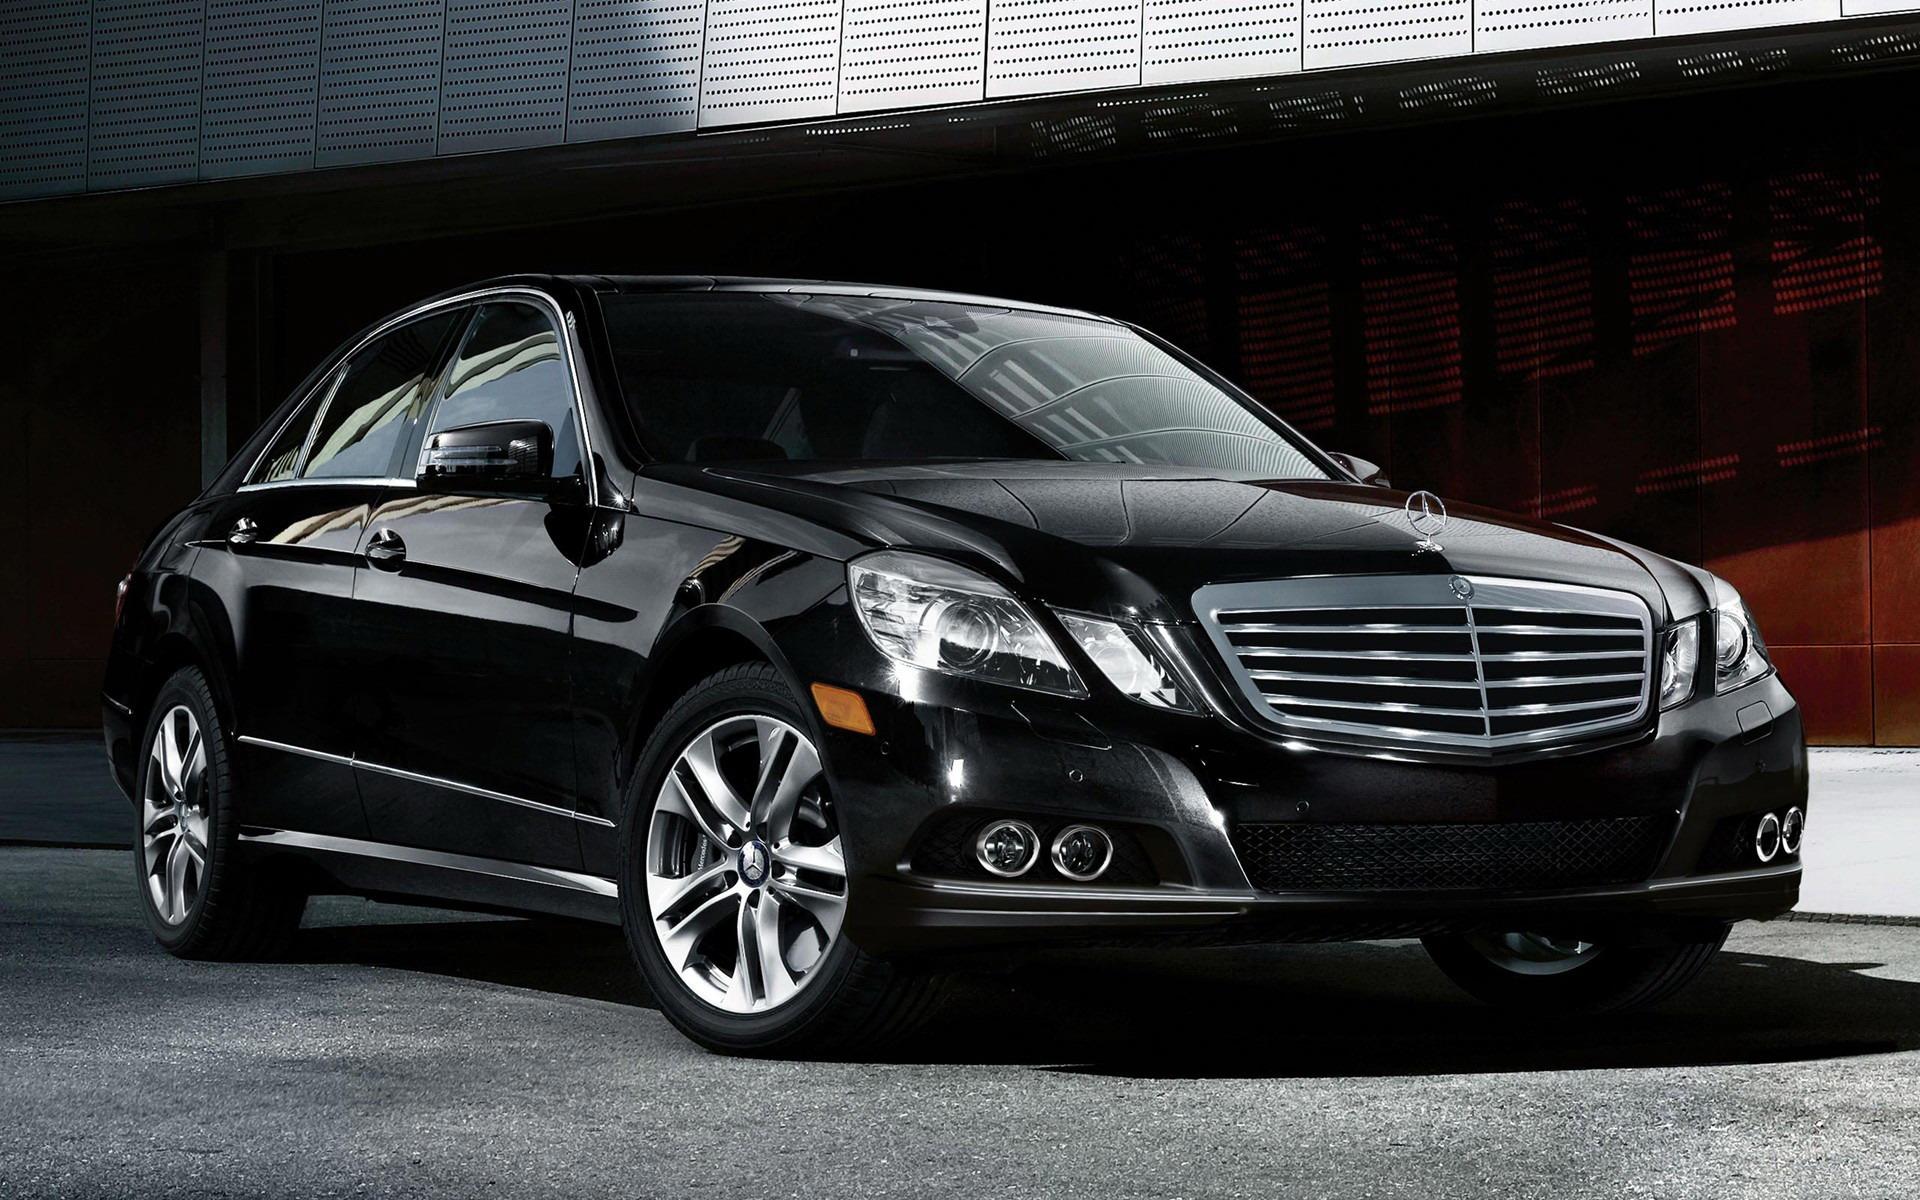 Black models-2012 Mercedes Benz E-Class Saloon HD ...